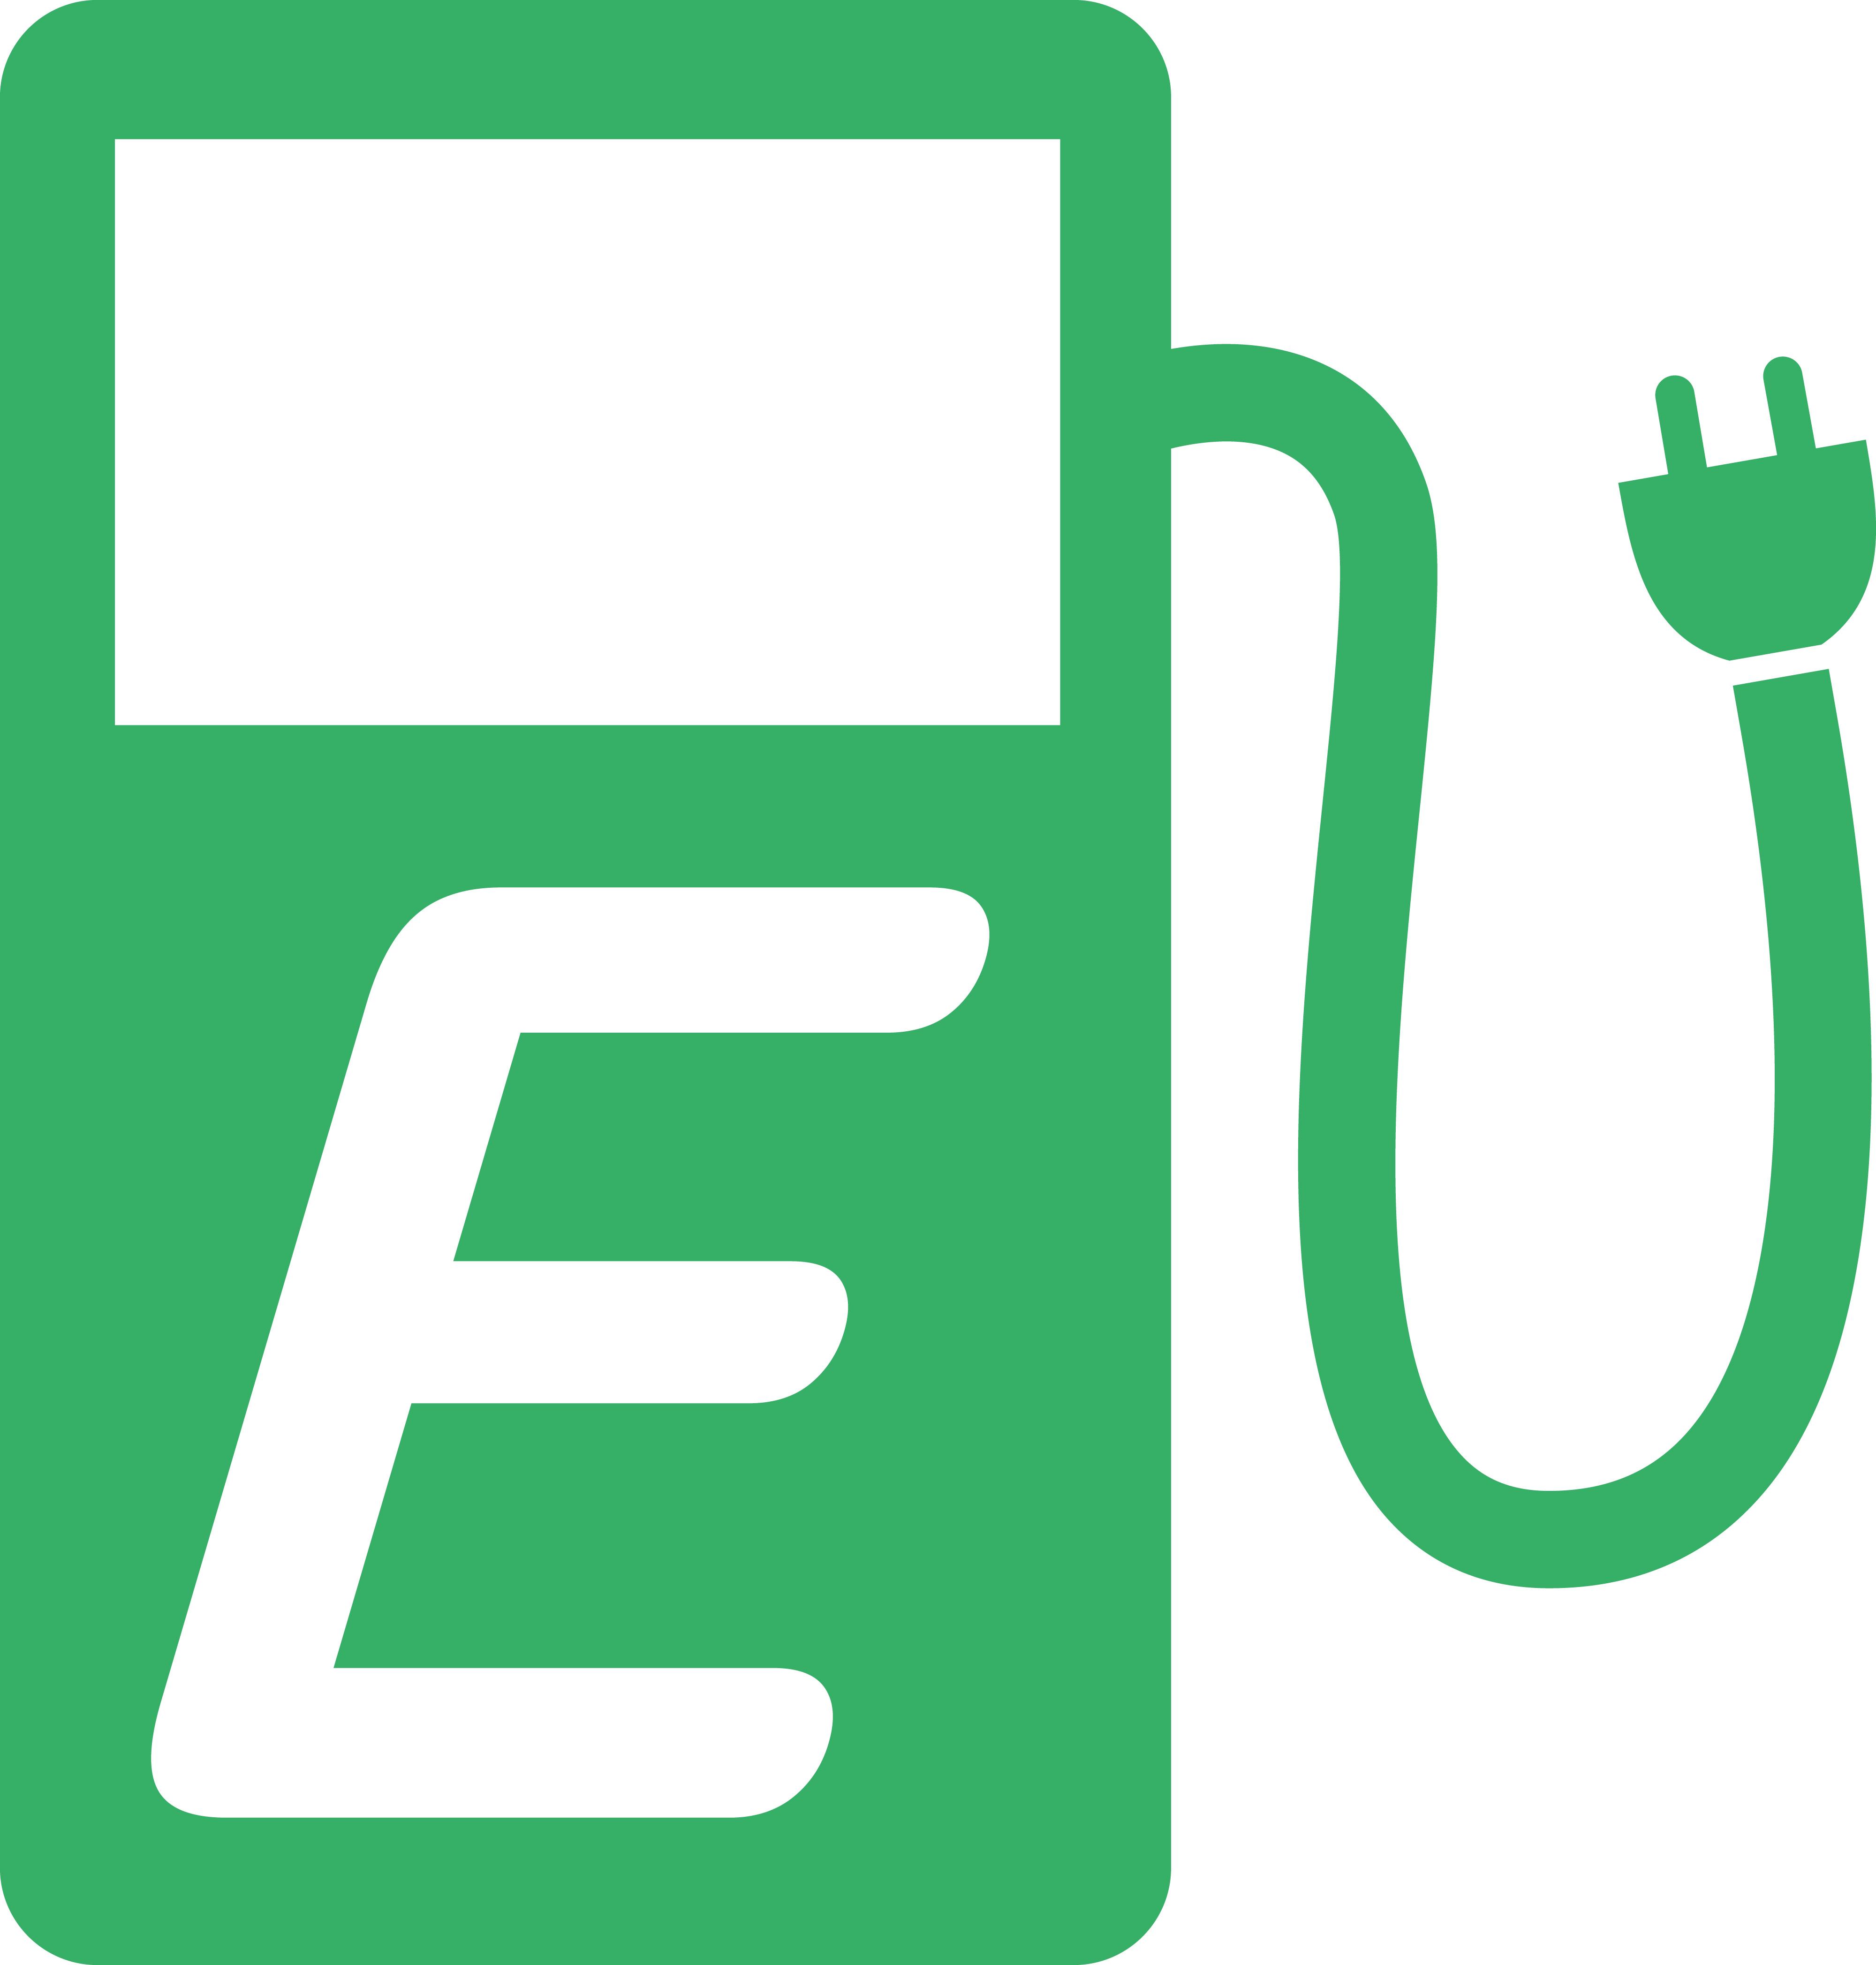 4000x4190 Free Clipart Of A Euro Gas Pump